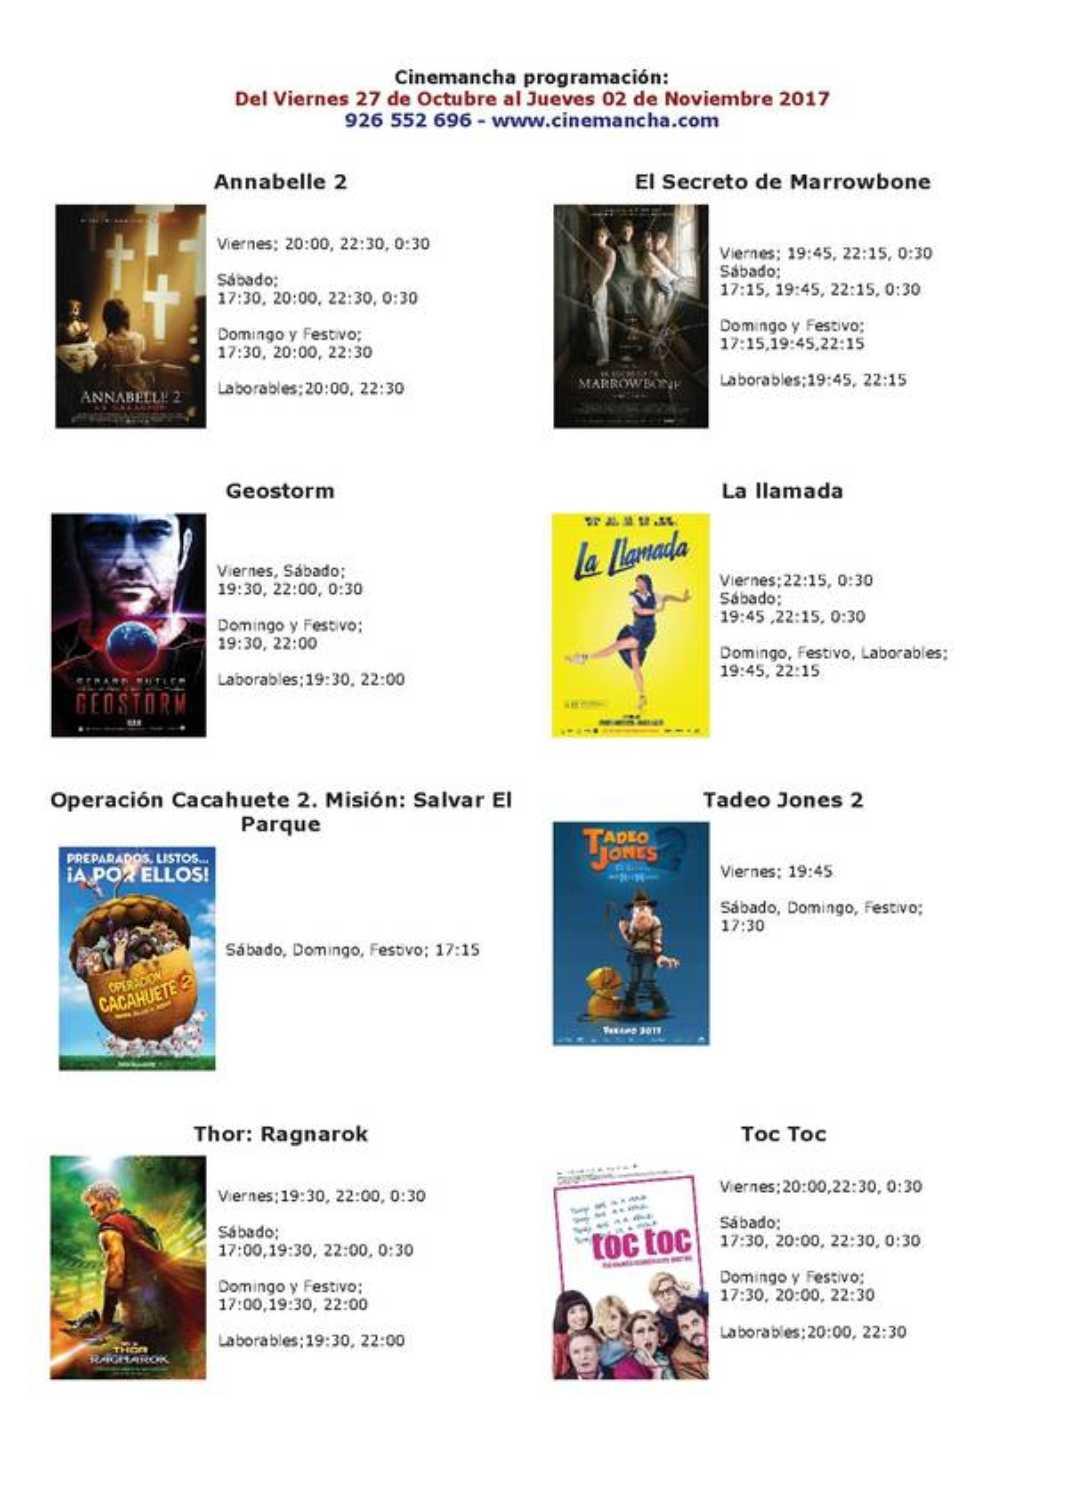 cartelera de cinemacha del 27 de octubre al 02 de Noviembre 1068x1511 - Programación Cinemancha del viernes 27 al jueves 02